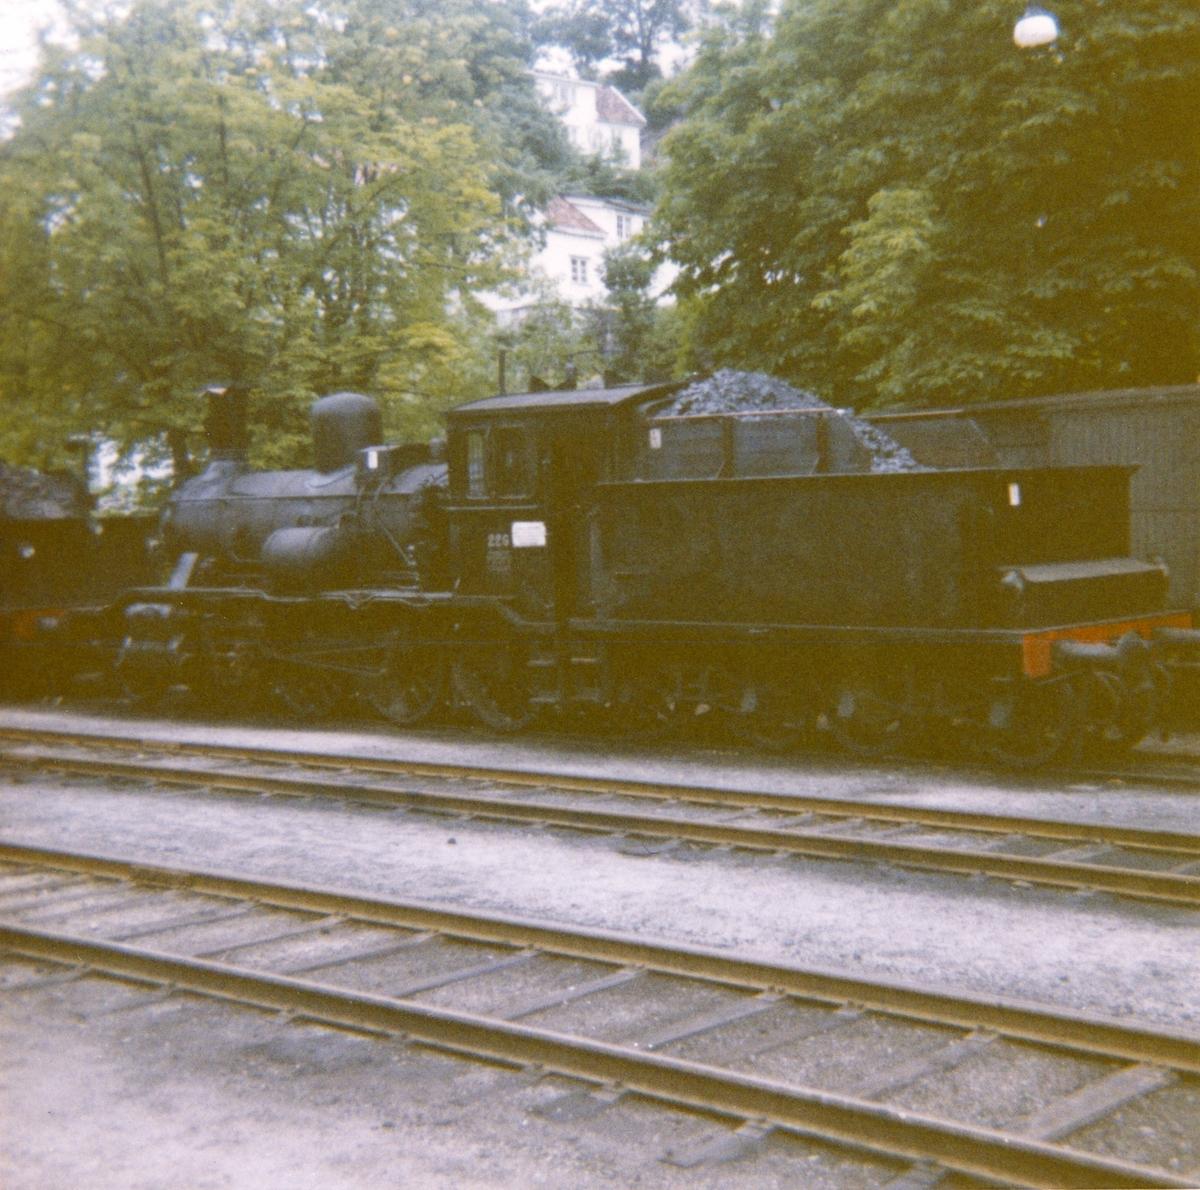 Damplokomotiv type 18c 226 hensatt på Arendal stasjon. Damplokomotiver ble erstattet av diesellokomotiver i togene mellom Arendal og Treungen.